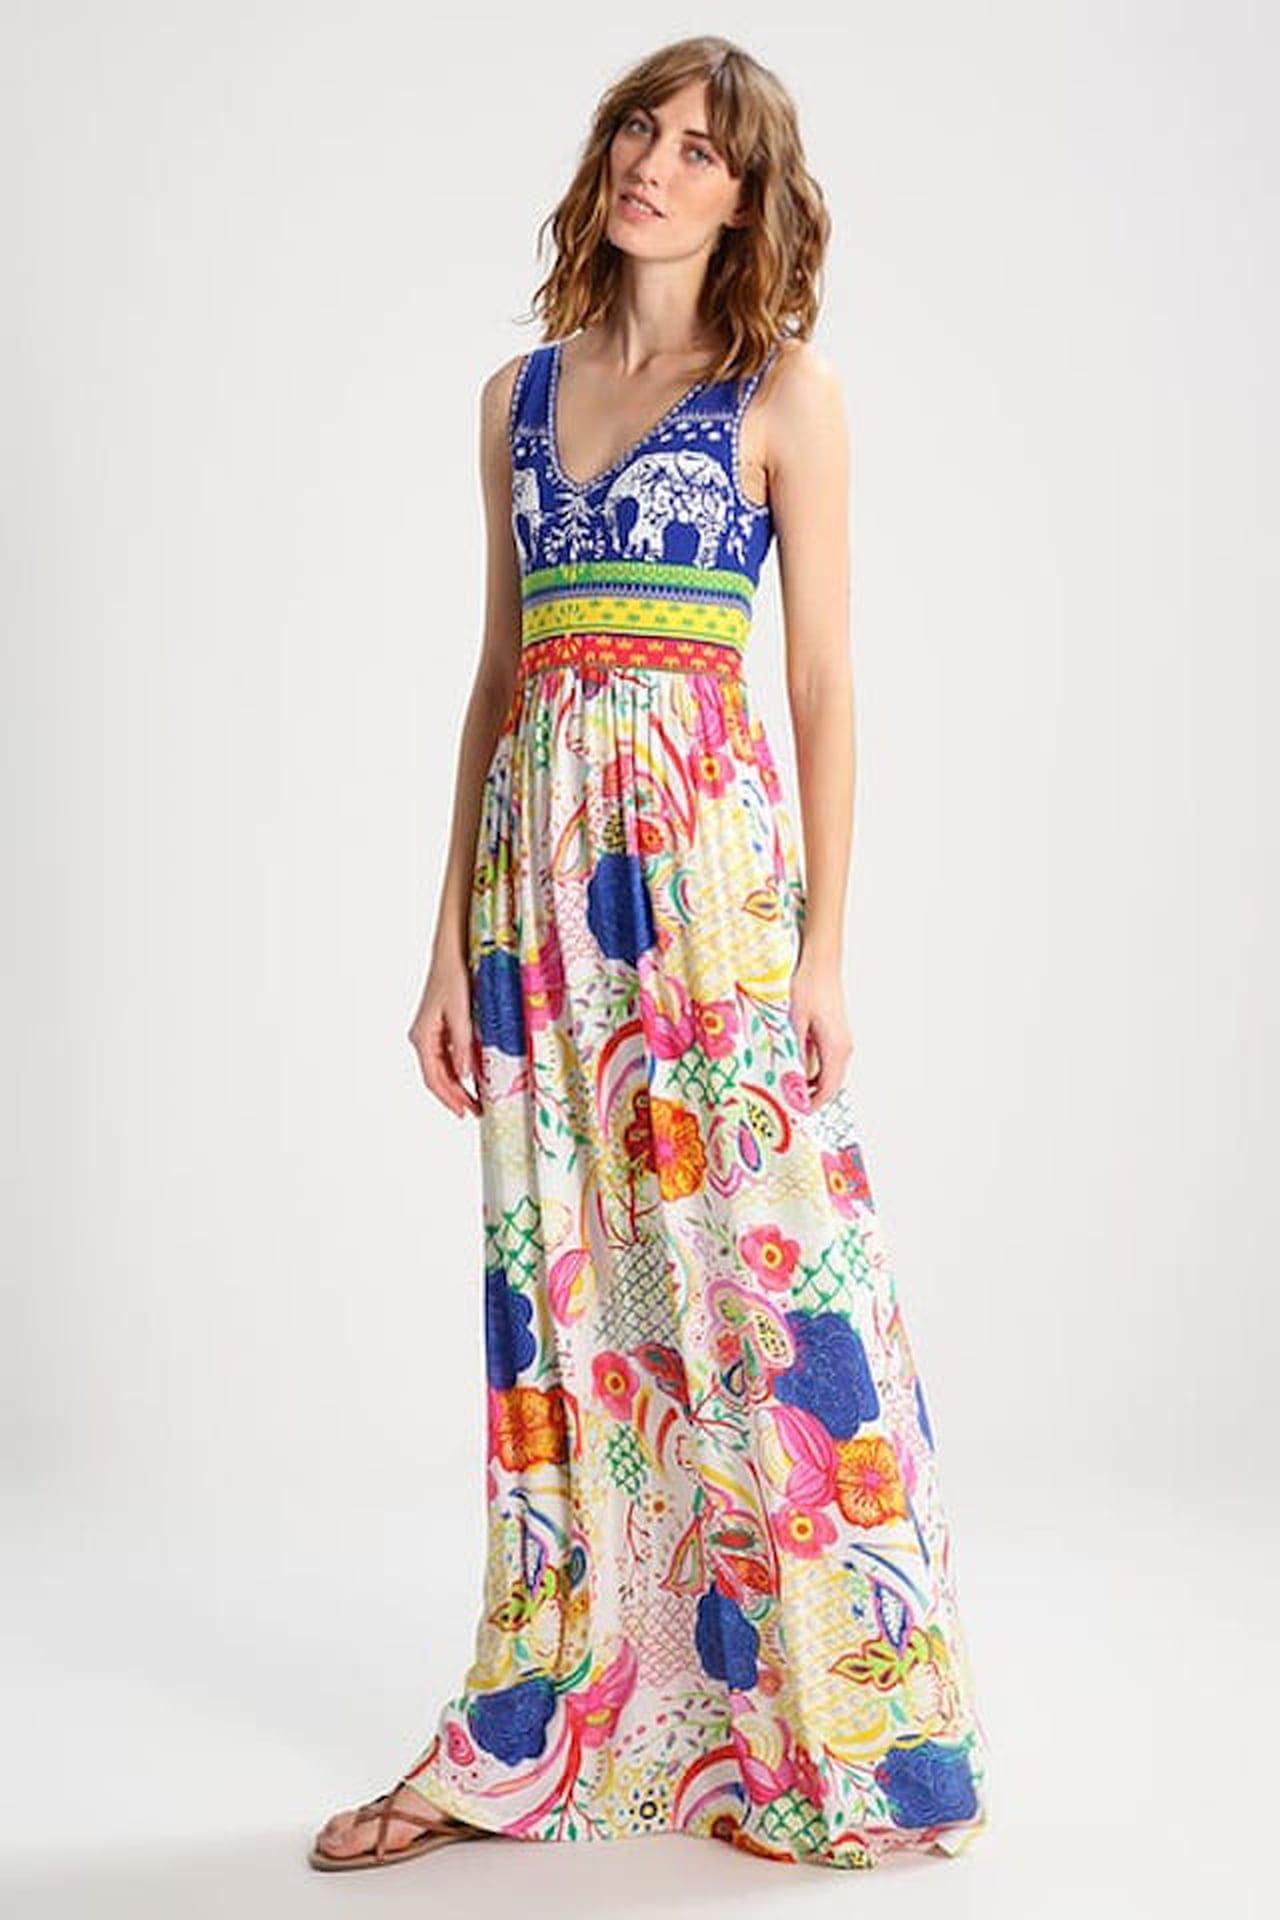 c8ed053957c1 Firmato Desigual il vestito lungo a fiori dai colori vivaci e dal taglio  contemporaneo. © Desigual